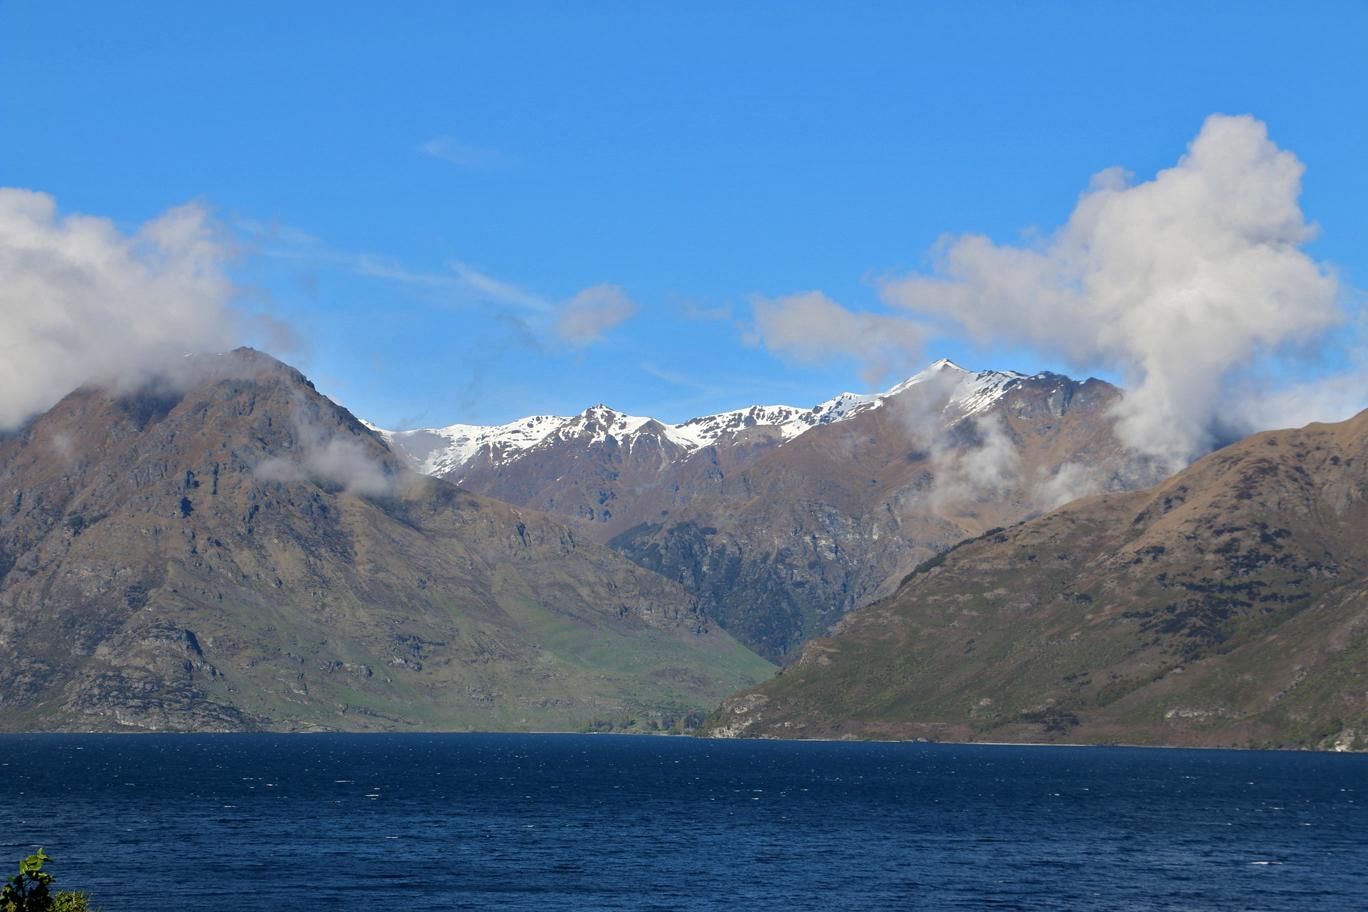 Toujours le lac Wakatipu.